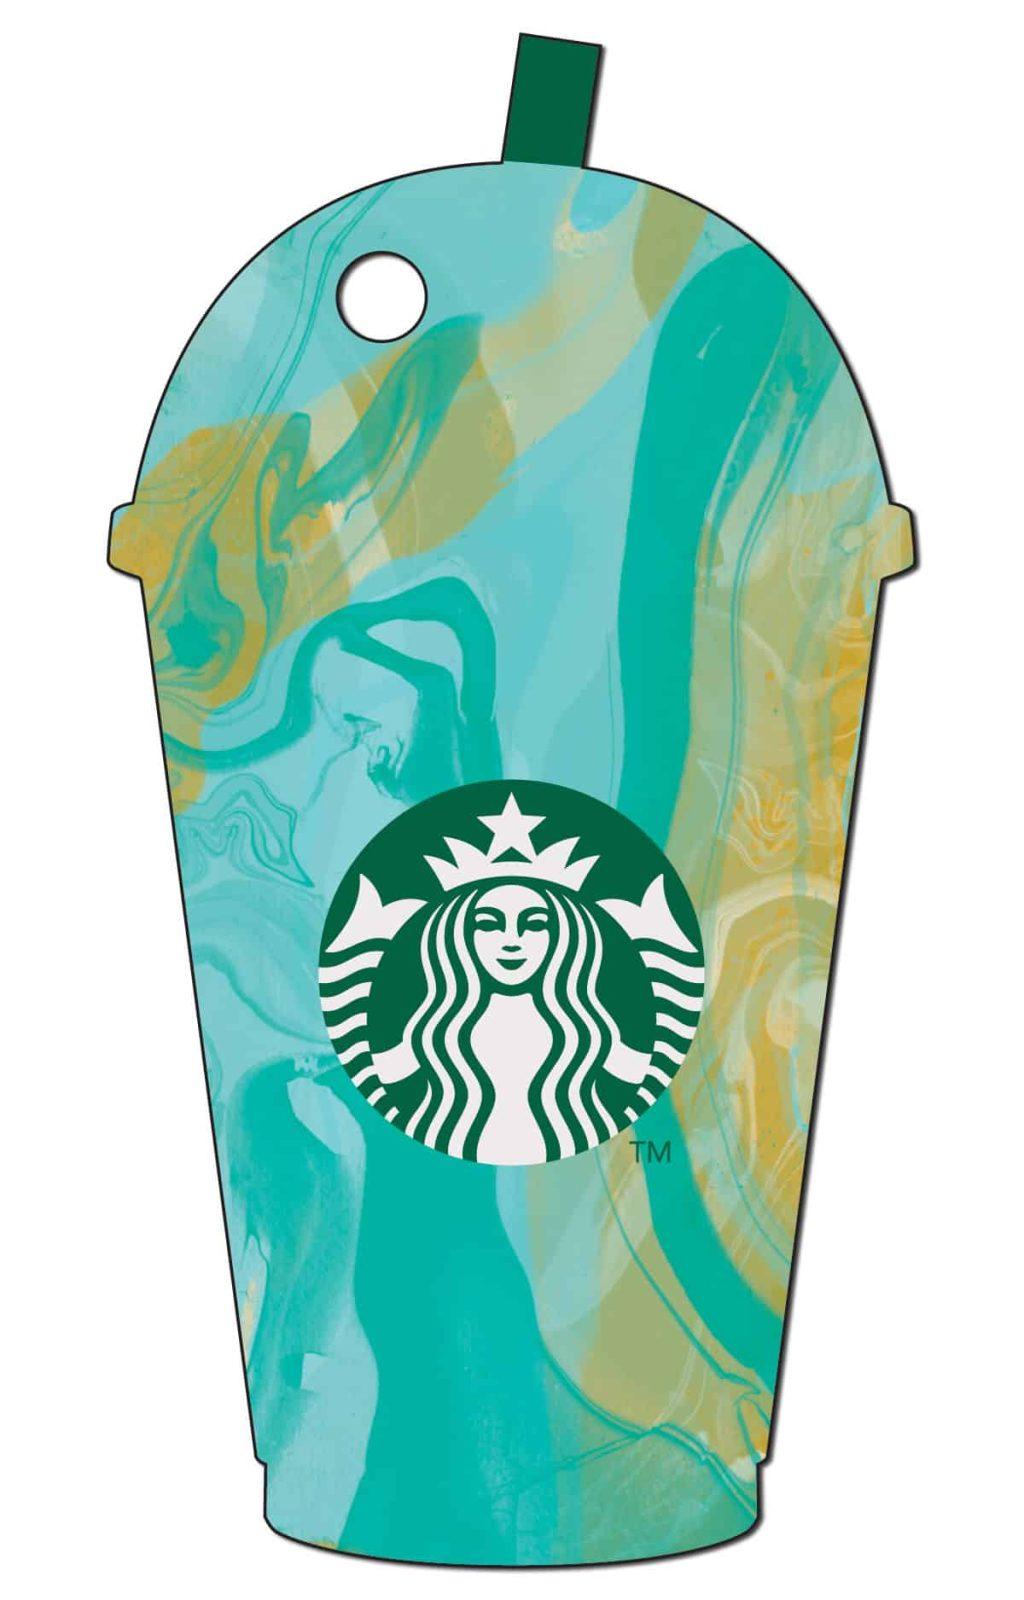 Frappuccino-Diecut-Card-blue